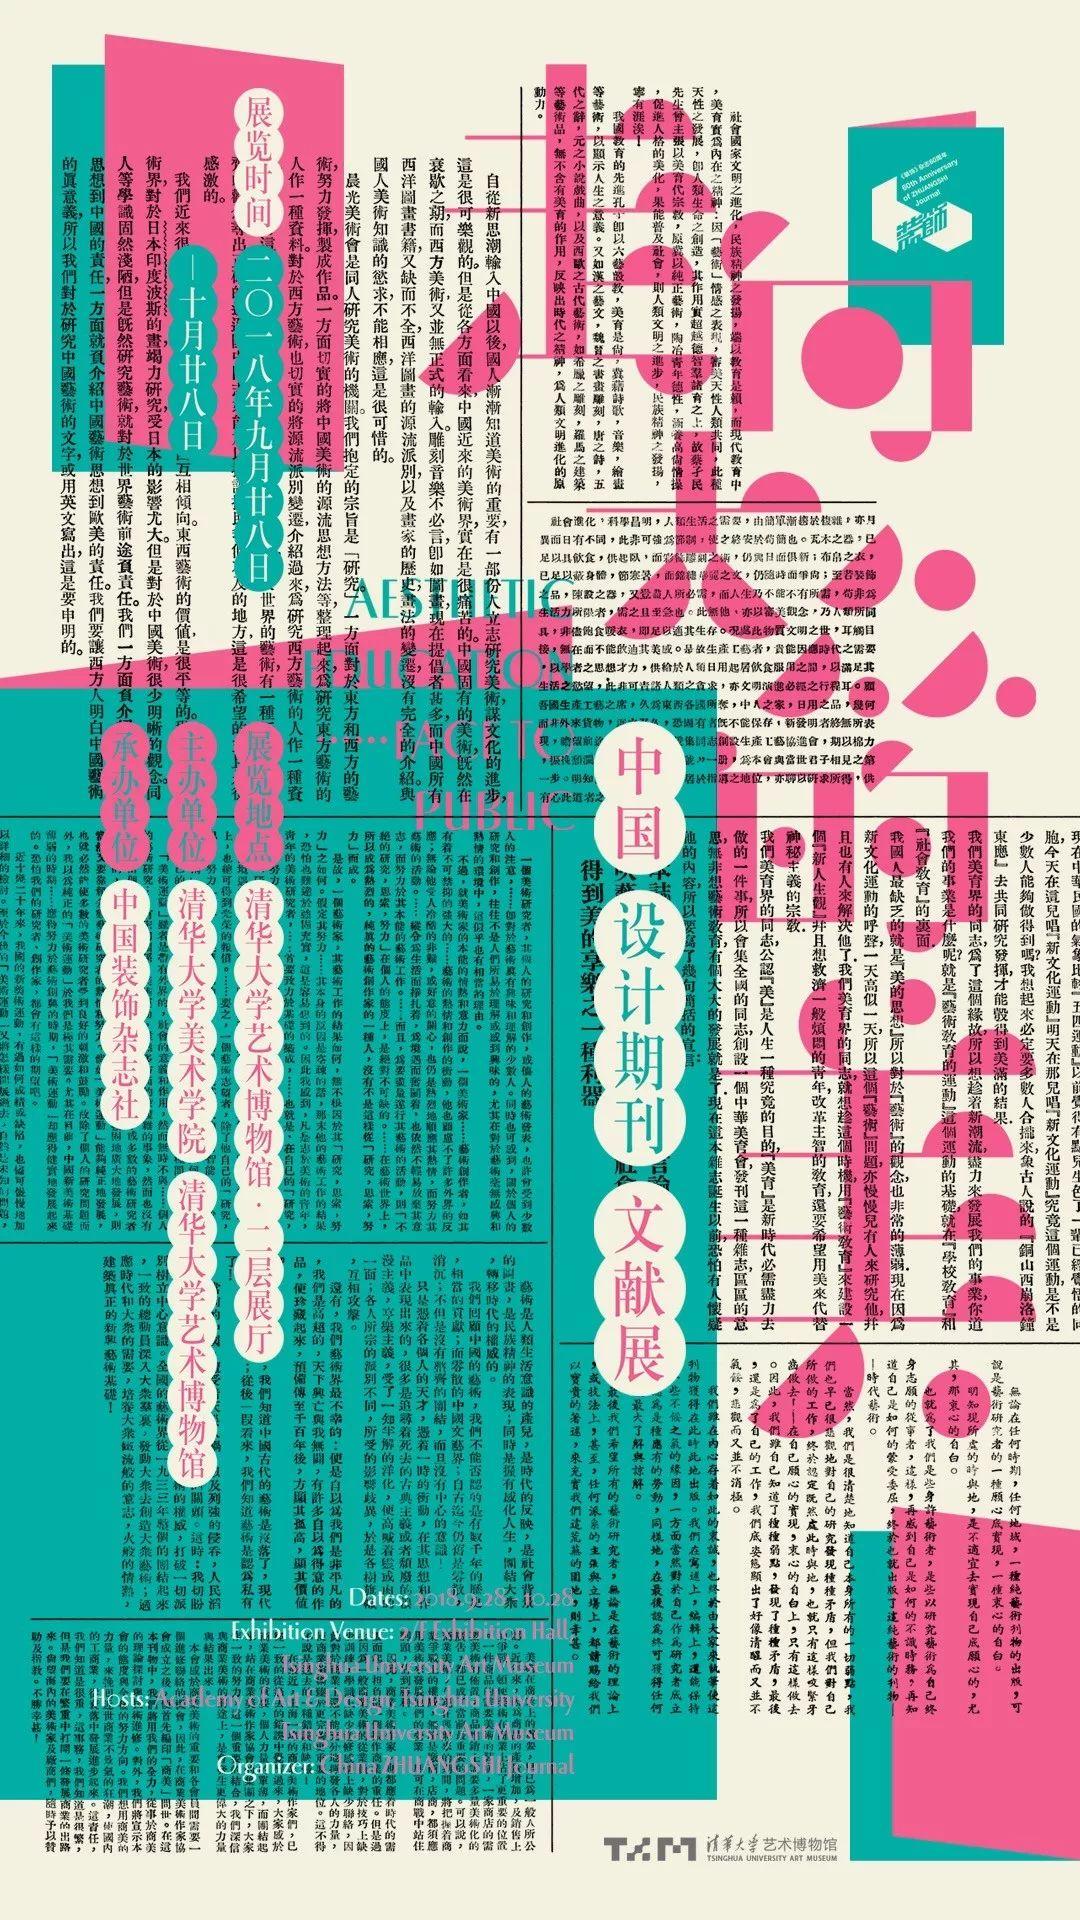 纪念《装饰》创刊六十周年系列活动预告